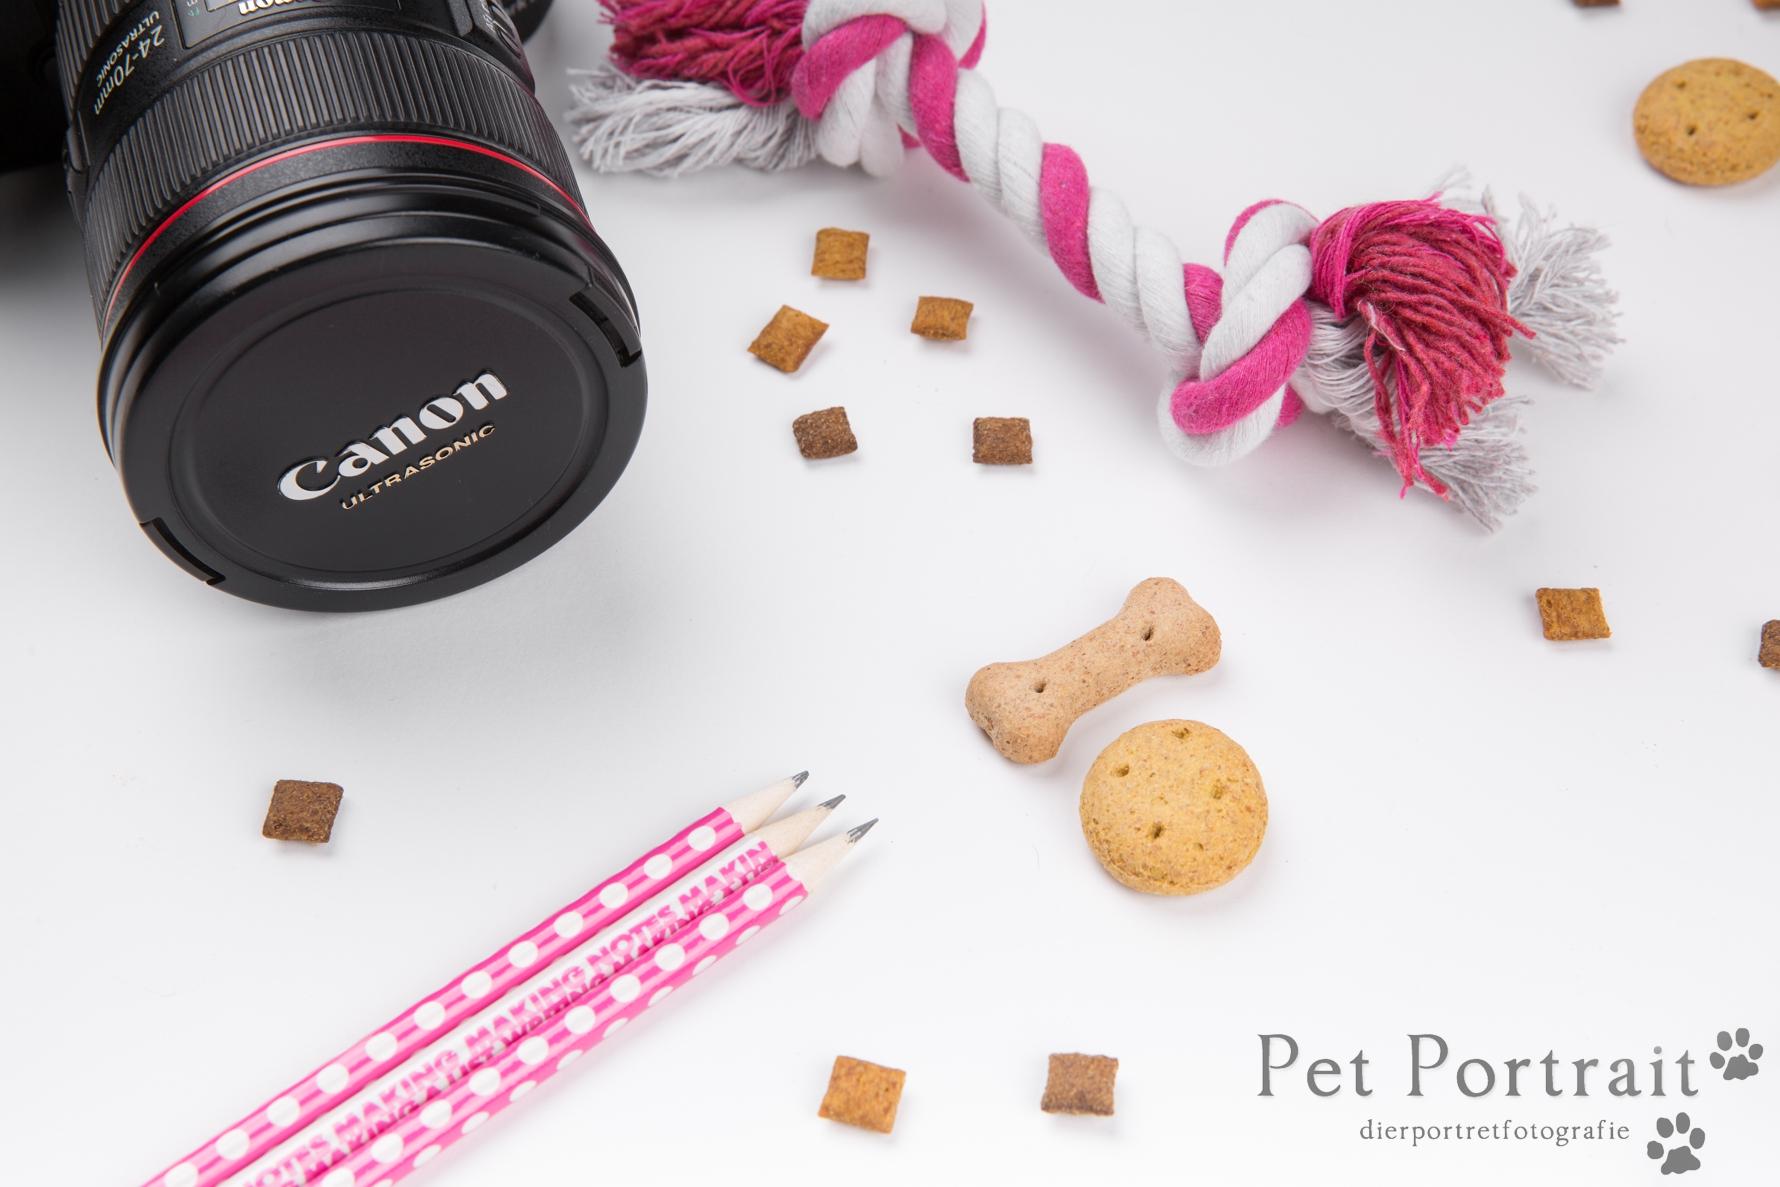 Dierenfotografie workshops en cursussen - basisworkshop dierenfotografie - Zes vragen die je je fotograaf kunt stellen - En mijn antwoorden!